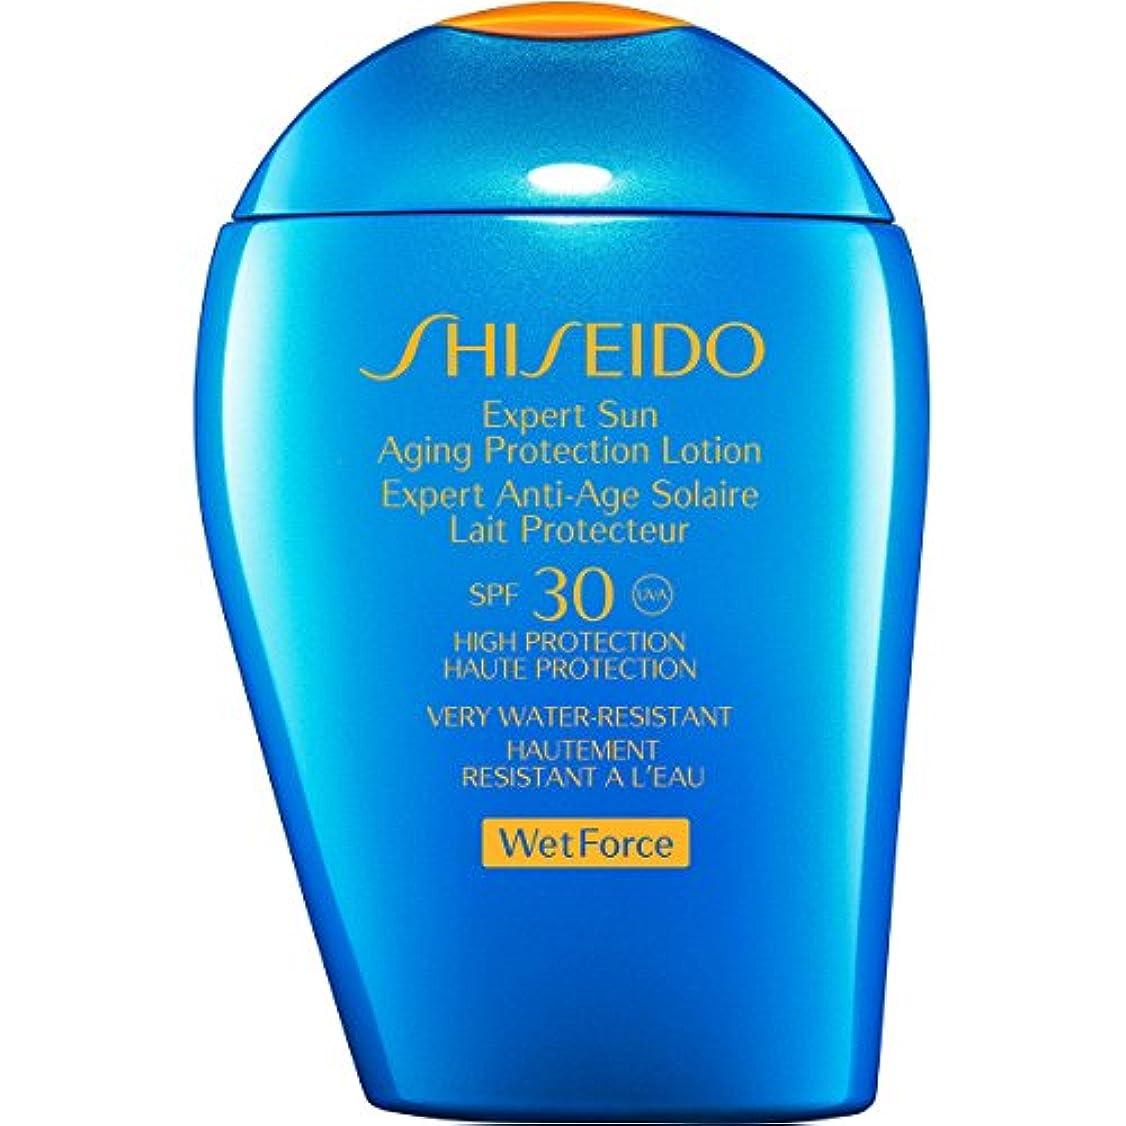 刺します豚パラナ川Shiseido - 資生堂の老化エキスパート日PROT。ロットF30 - 【並行輸入品】